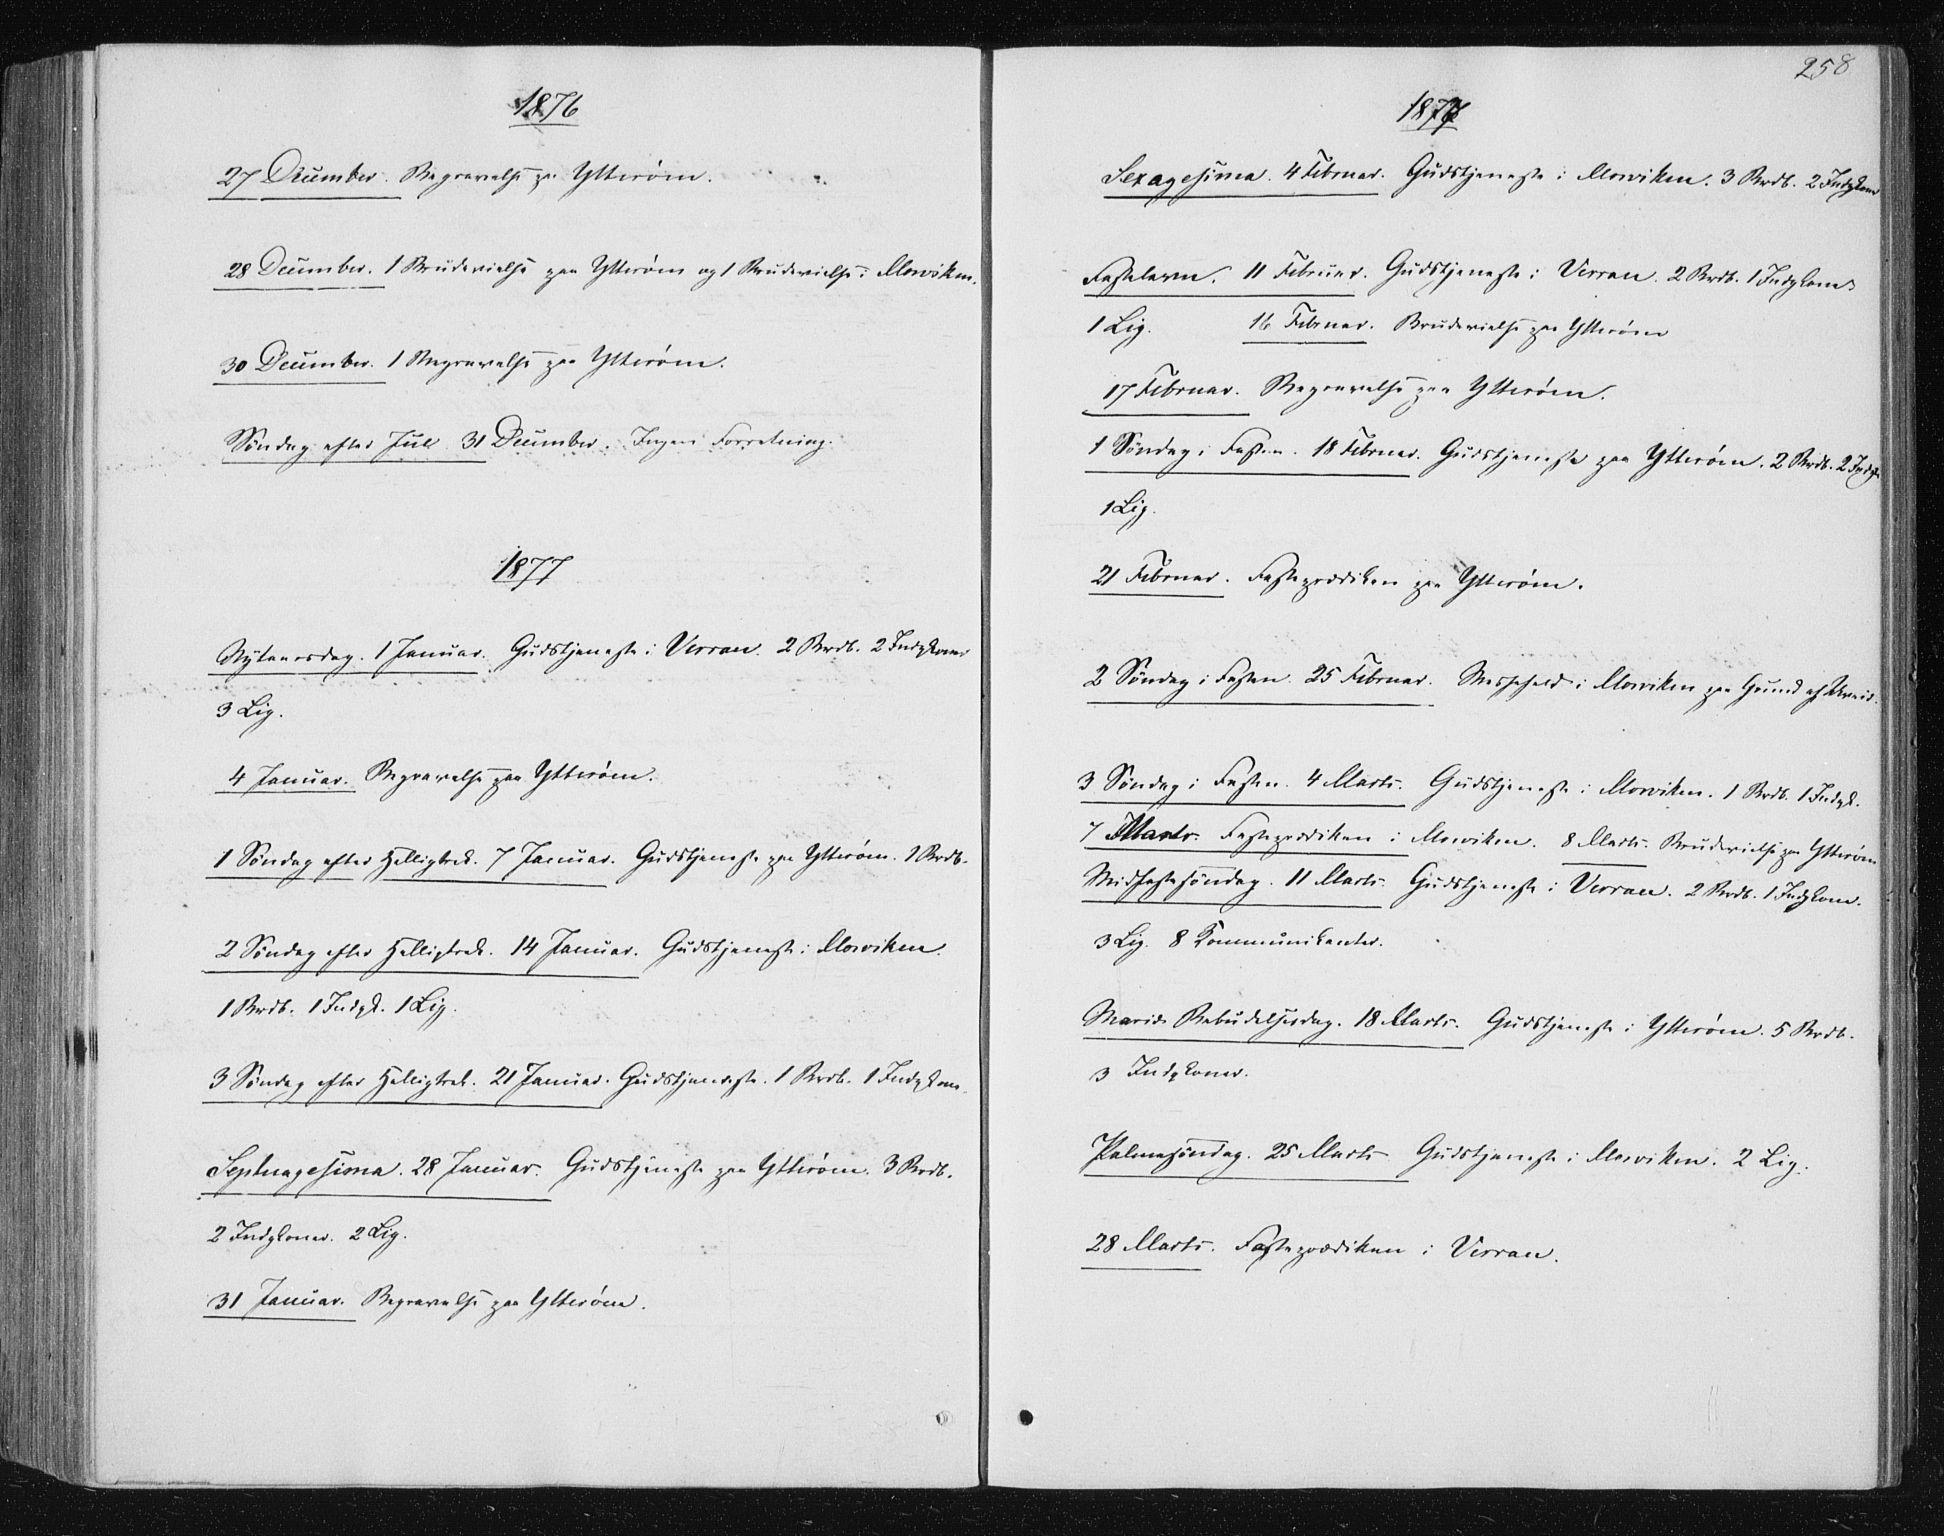 SAT, Ministerialprotokoller, klokkerbøker og fødselsregistre - Nord-Trøndelag, 722/L0219: Ministerialbok nr. 722A06, 1868-1880, s. 258